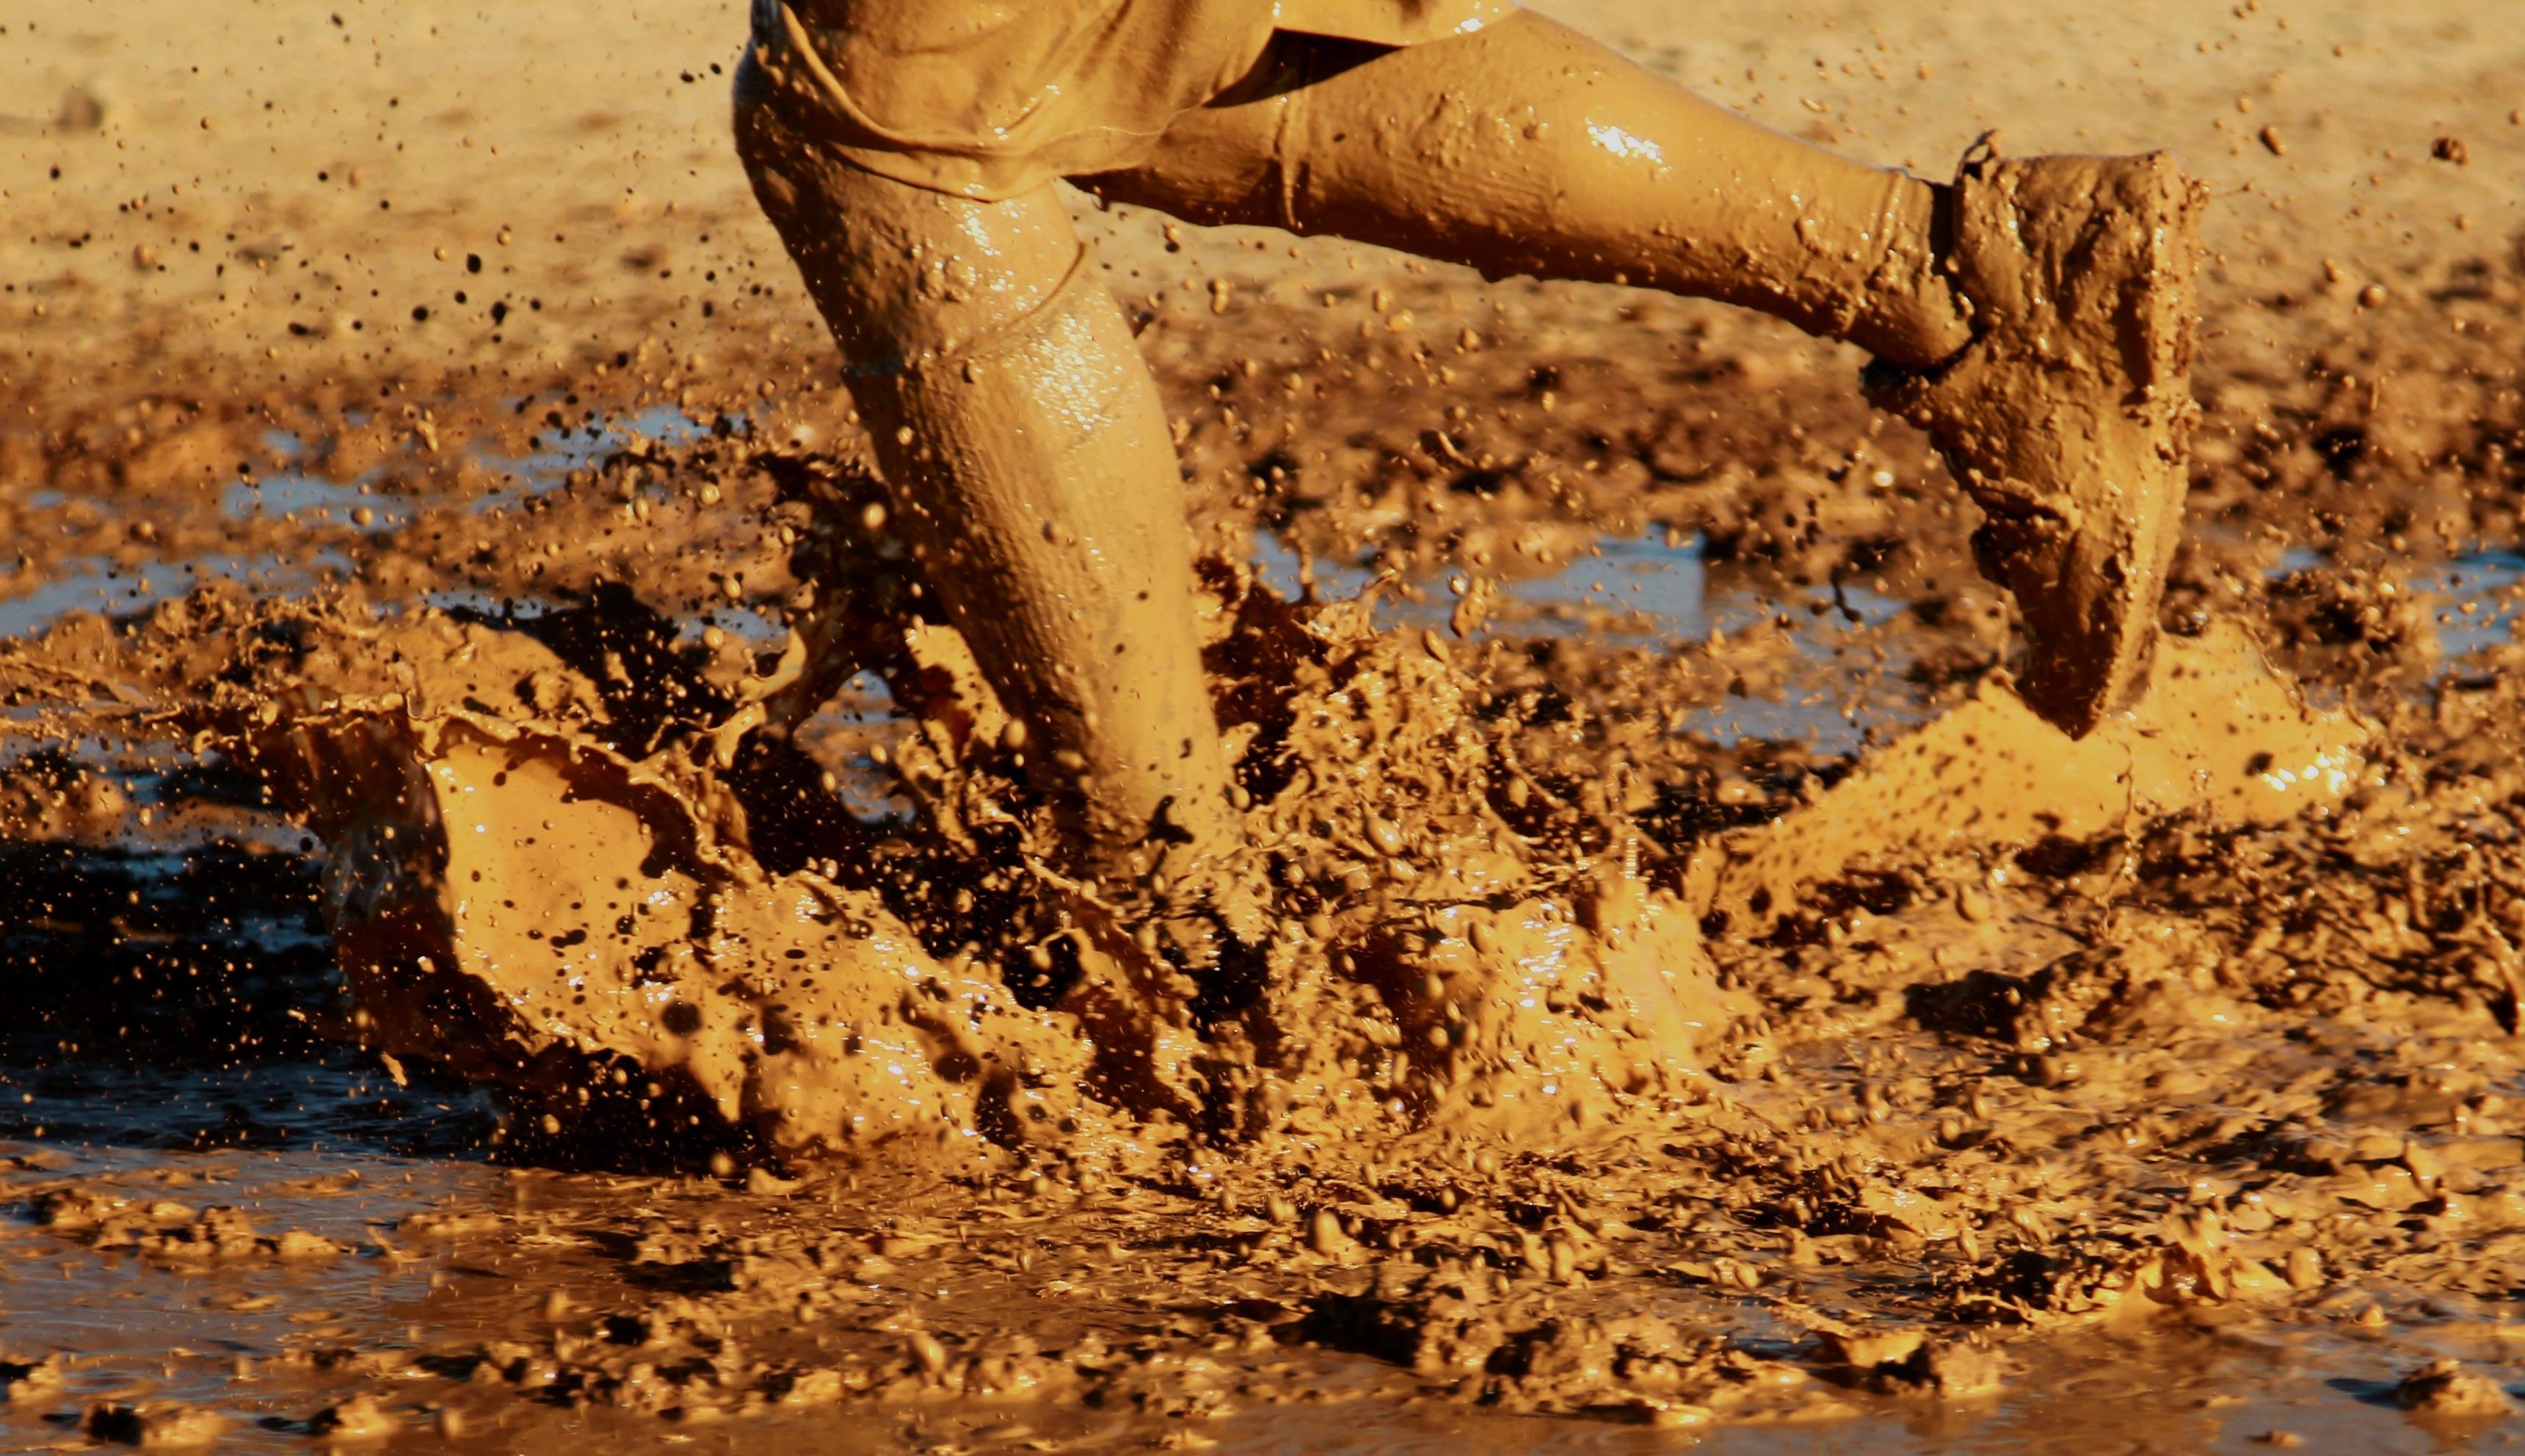 сделать поделку фотосессия с водой и грязью делом выбирается нужное